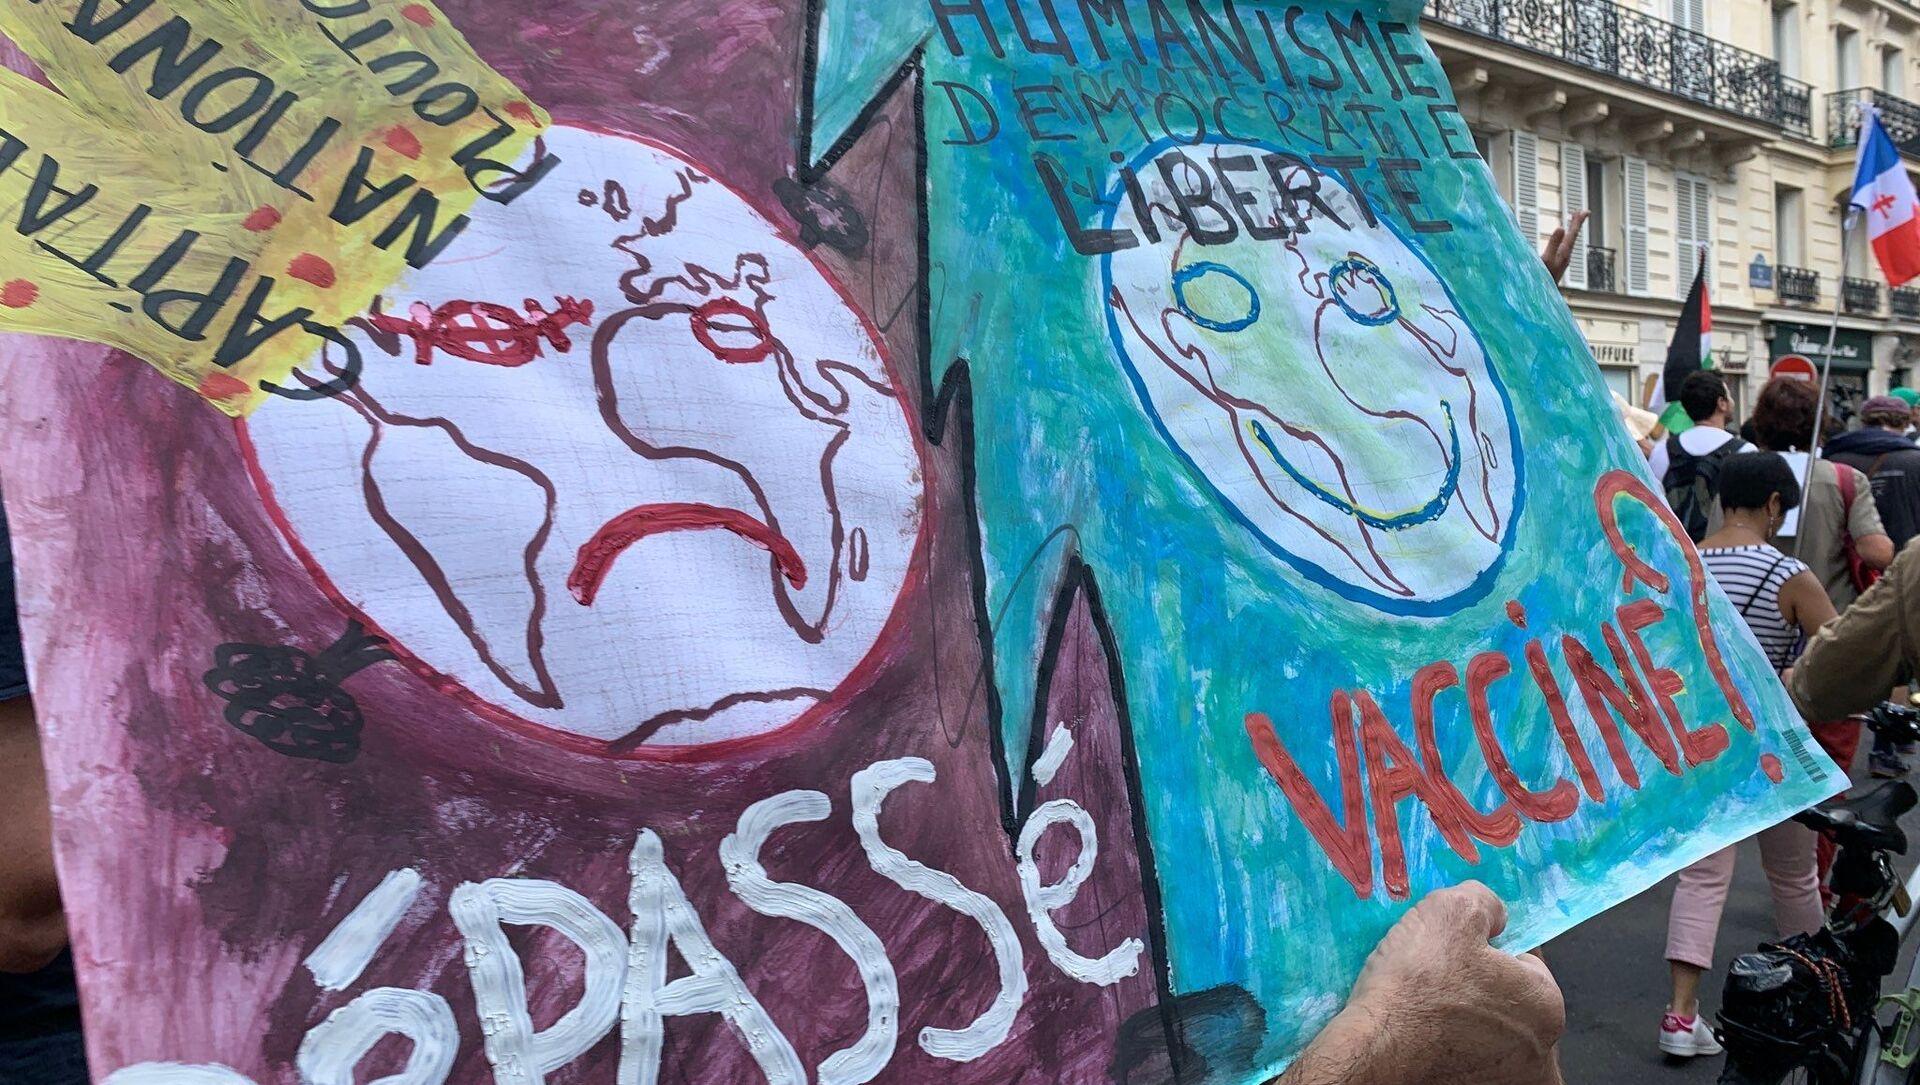 Dixième samedi de manifestations contre le pass sanitaire, le 18 septembre 2021  - Sputnik France, 1920, 19.09.2021